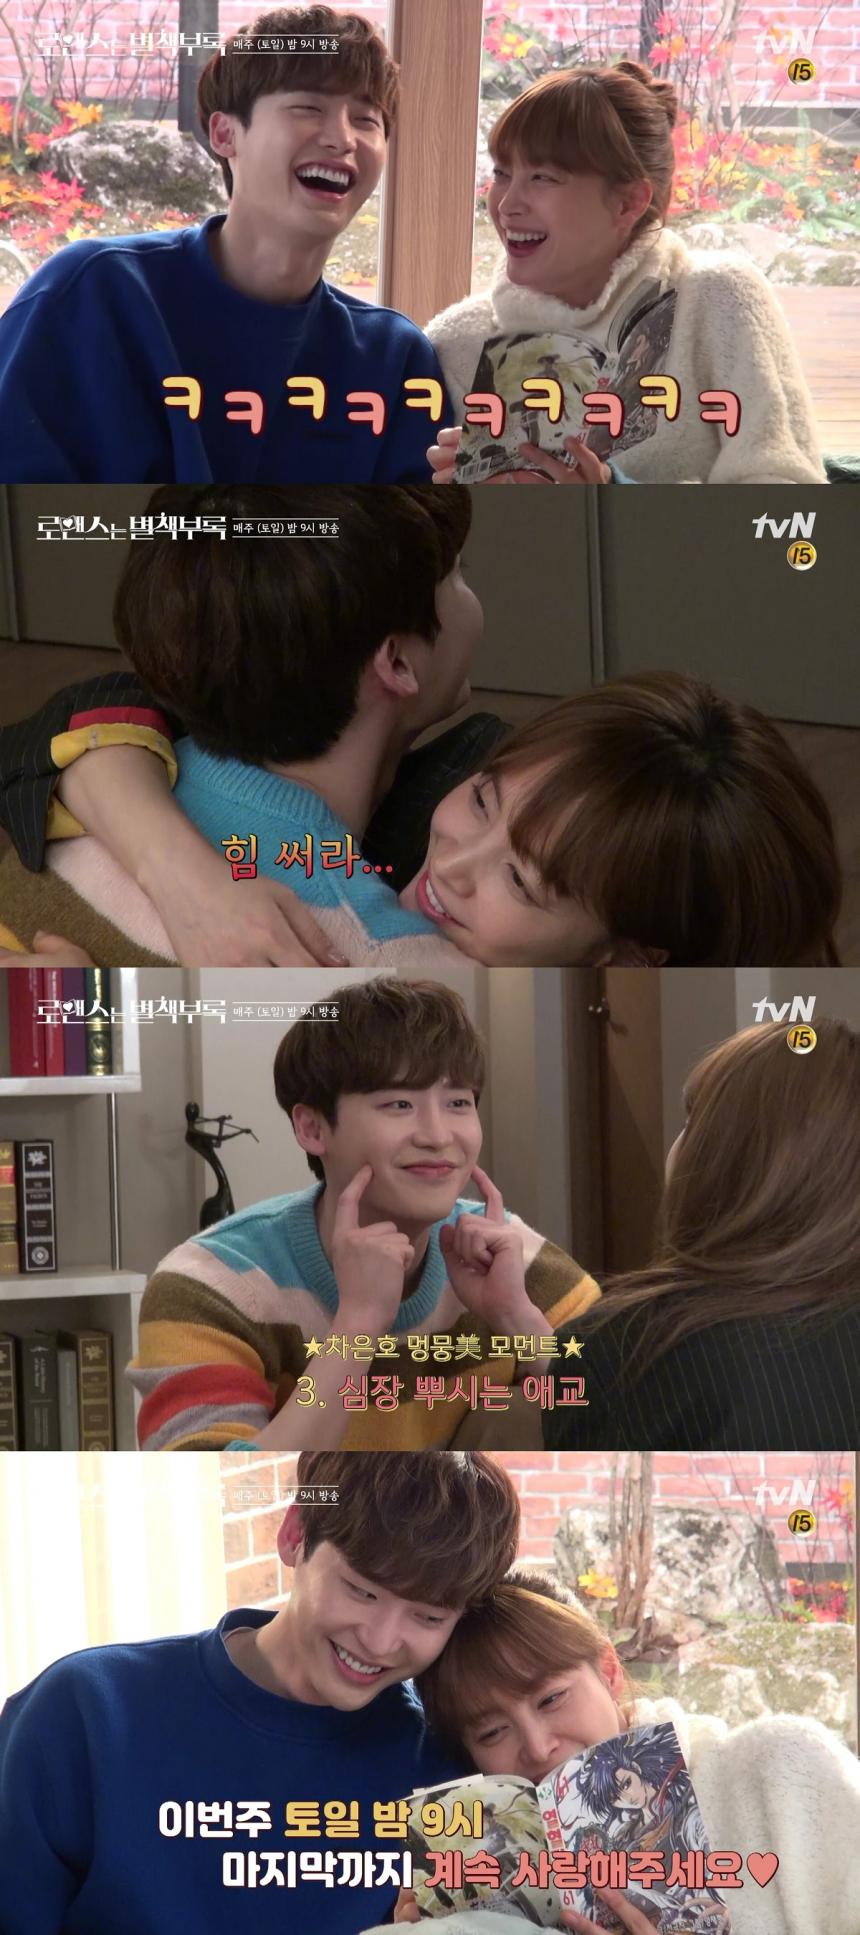 tvN '로맨스는 별책부록' 메이킹 영상 캡처